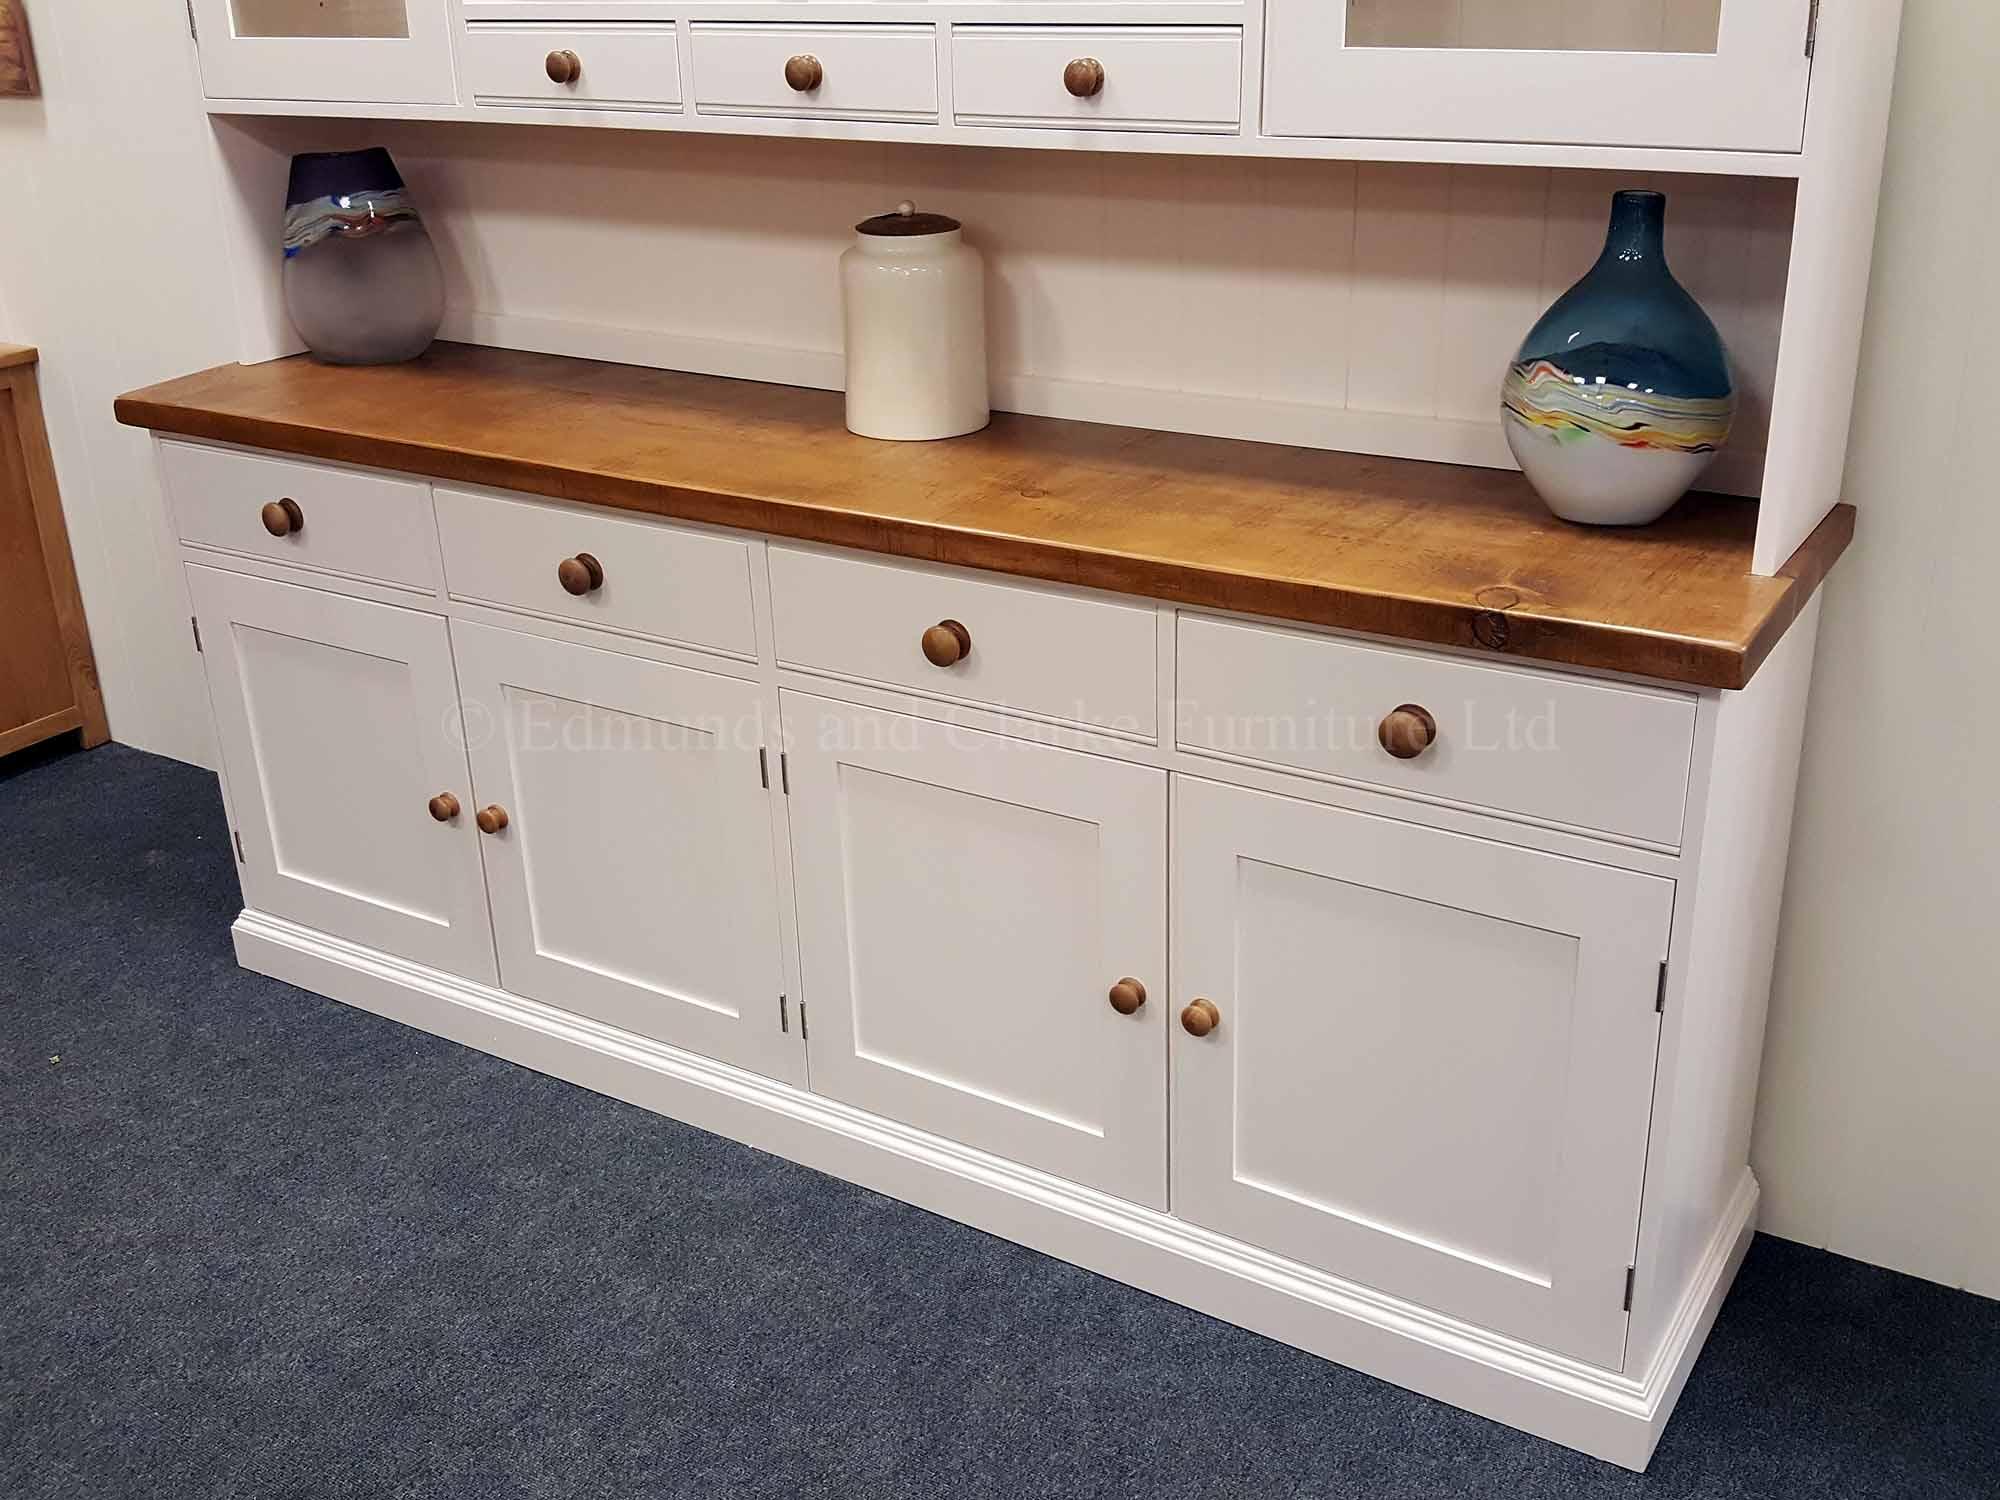 7ft Edmunds painted kitchen dresser, choose your paint colour handles tops